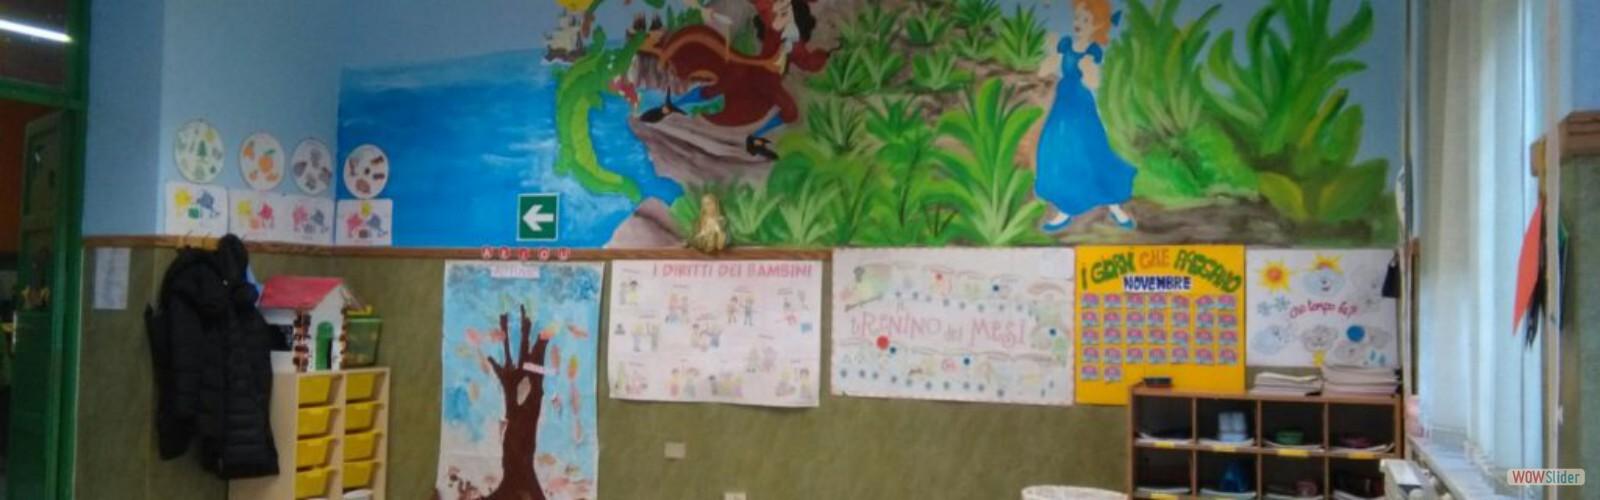 sezione scuola infanzia - Giuliana